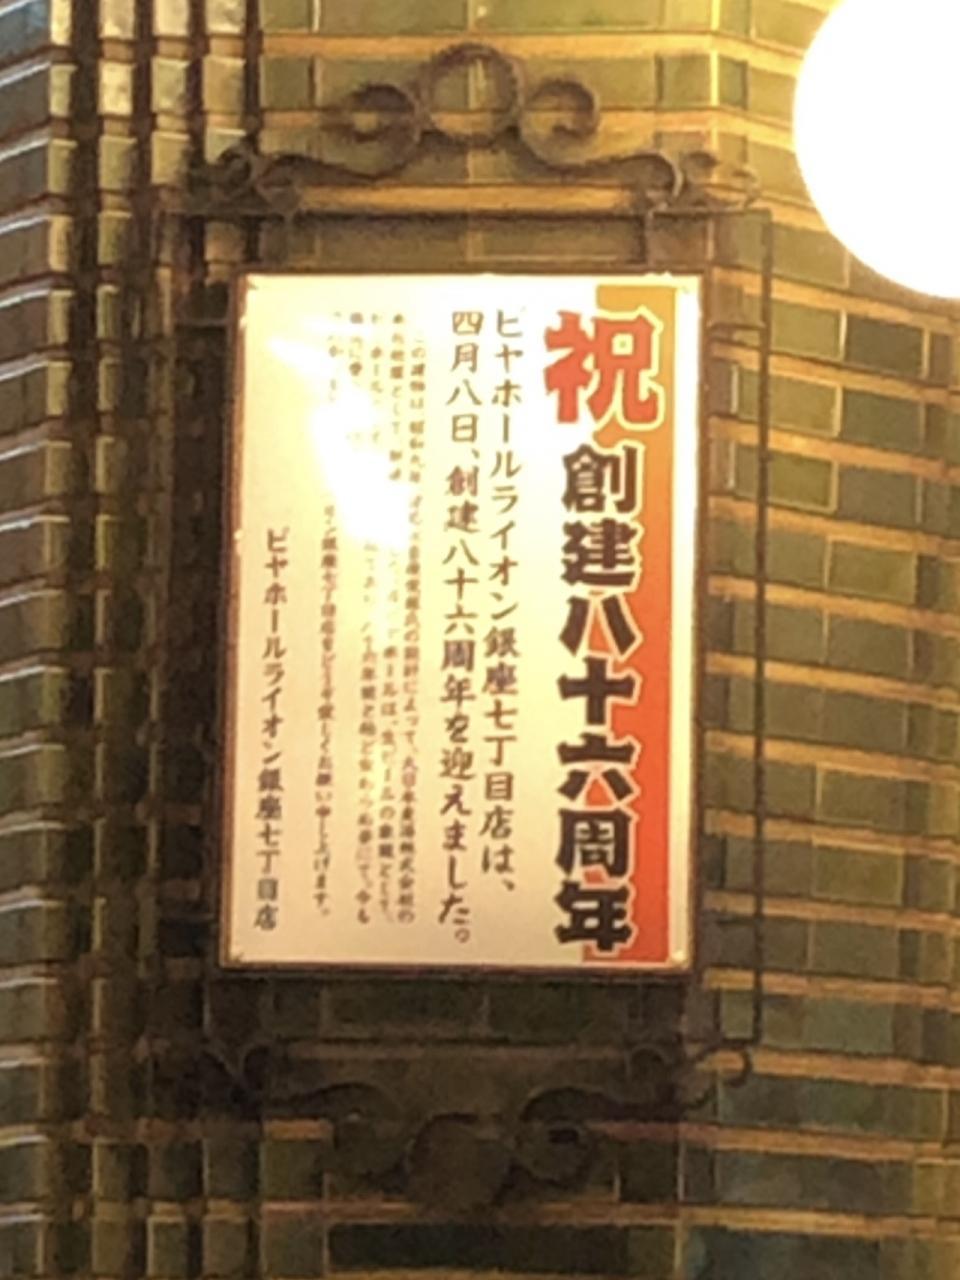 7 丁目 ライオン 銀座